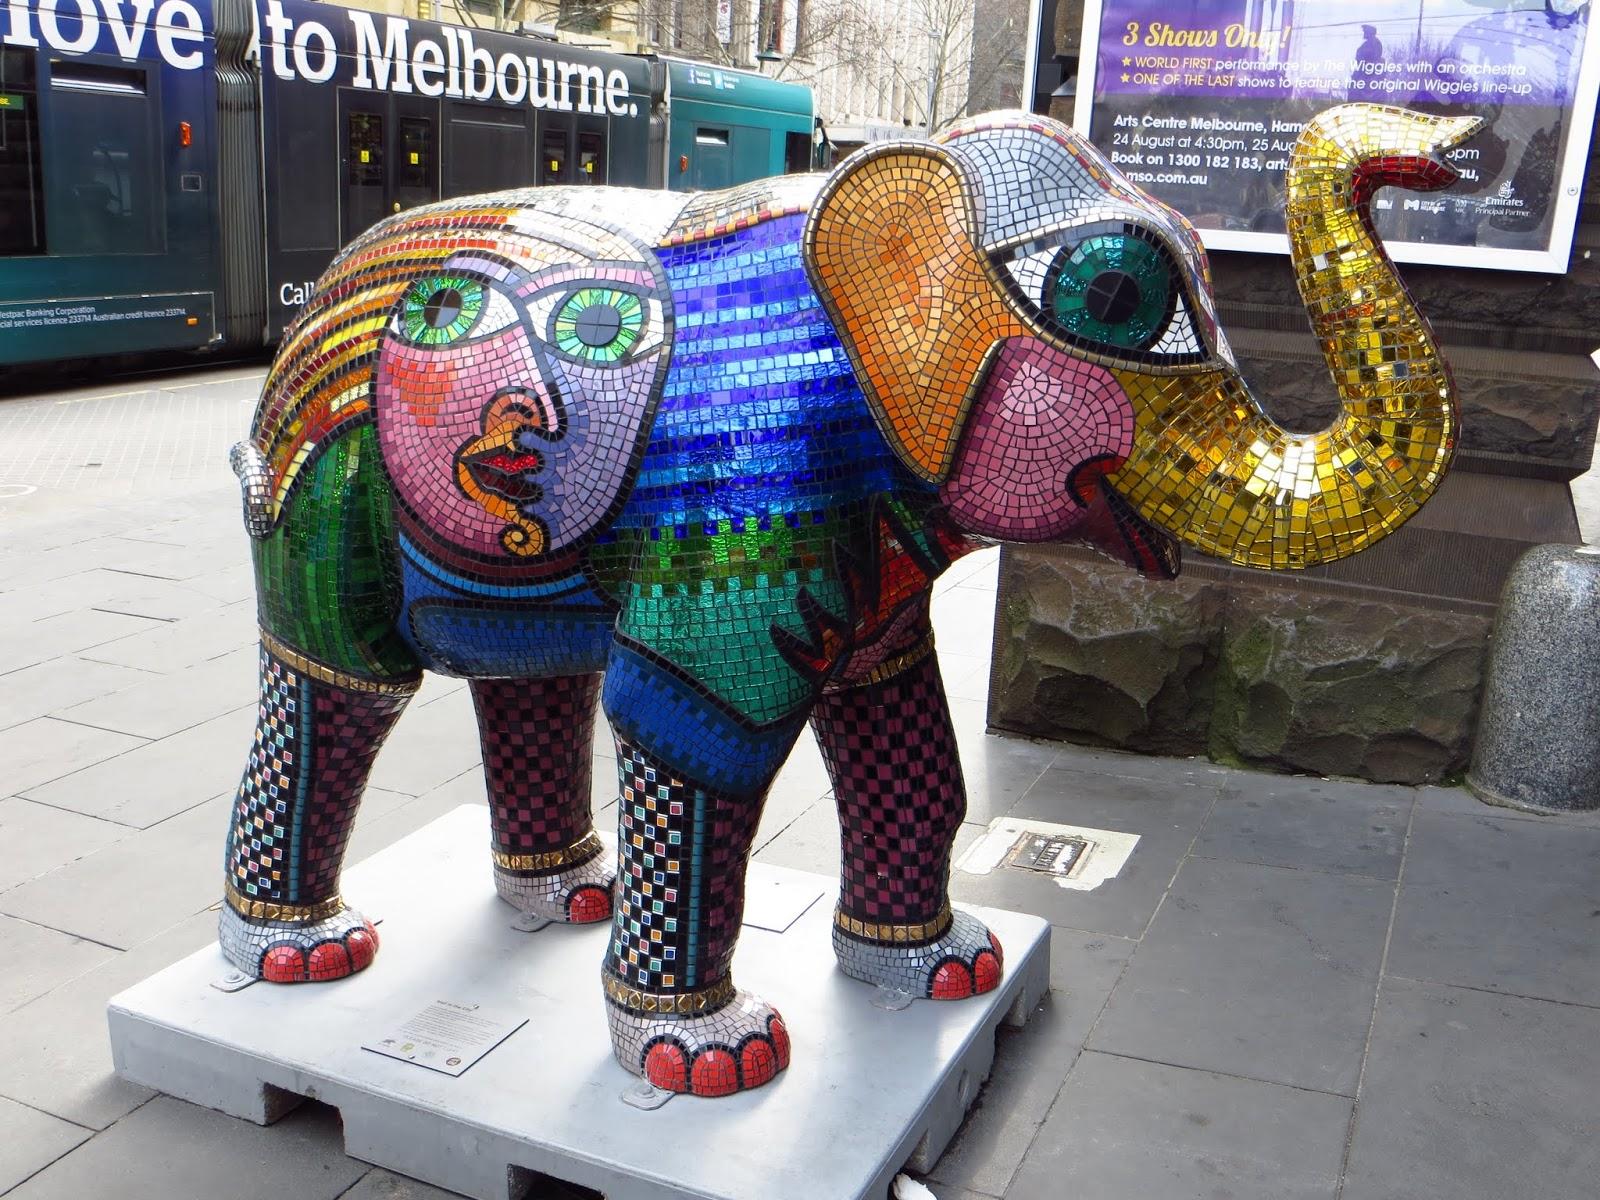 Deborah Halpern Mali Melbourne